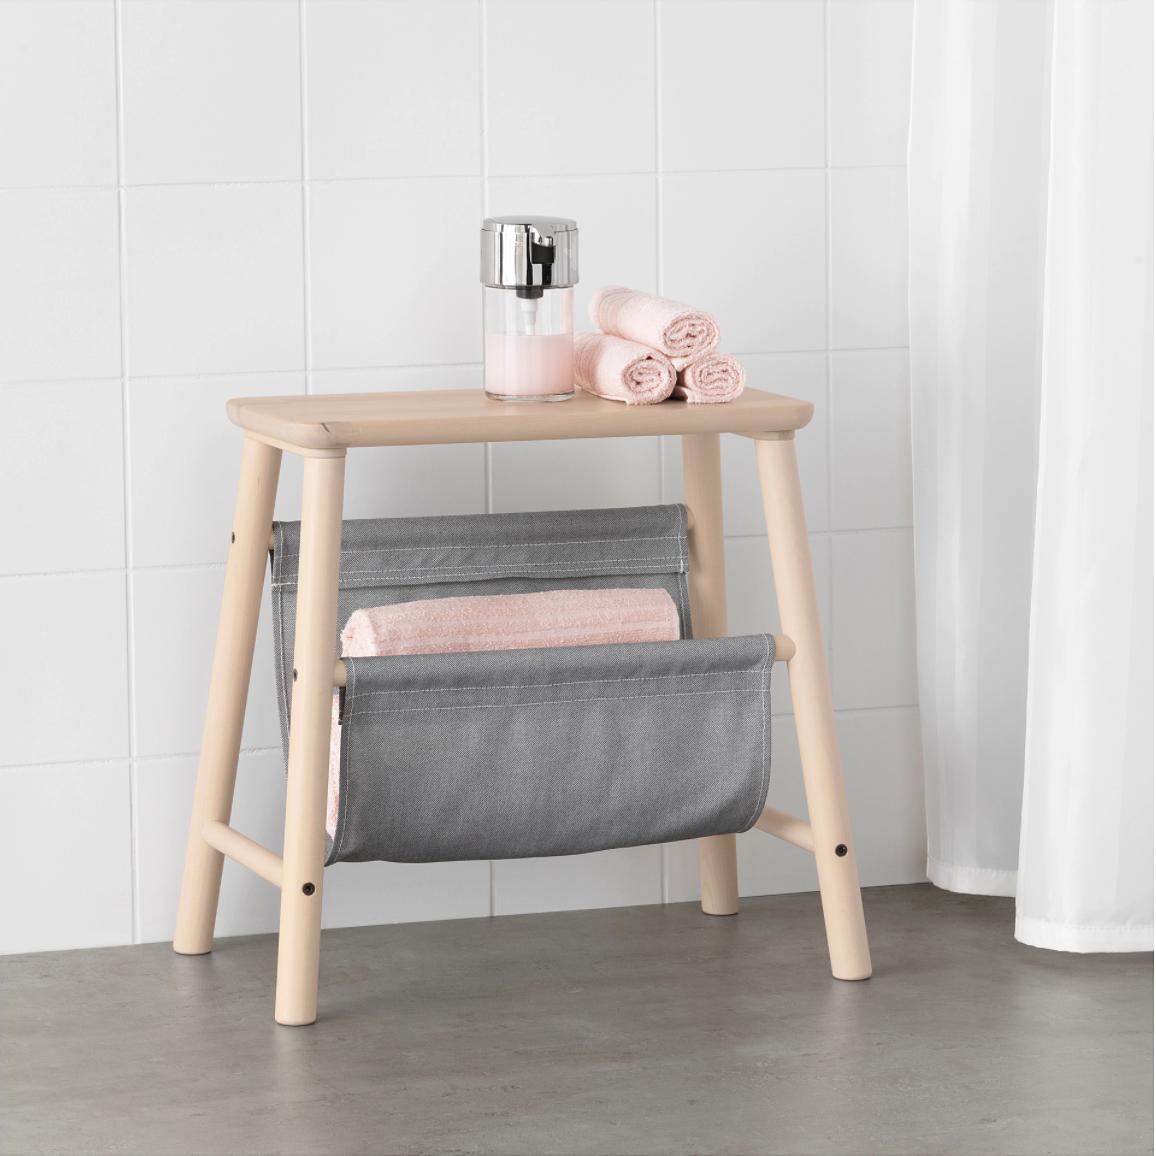 These IKEA Hacks Will Dominate 2018 | Ikea, Diseño muebles y Carpintería